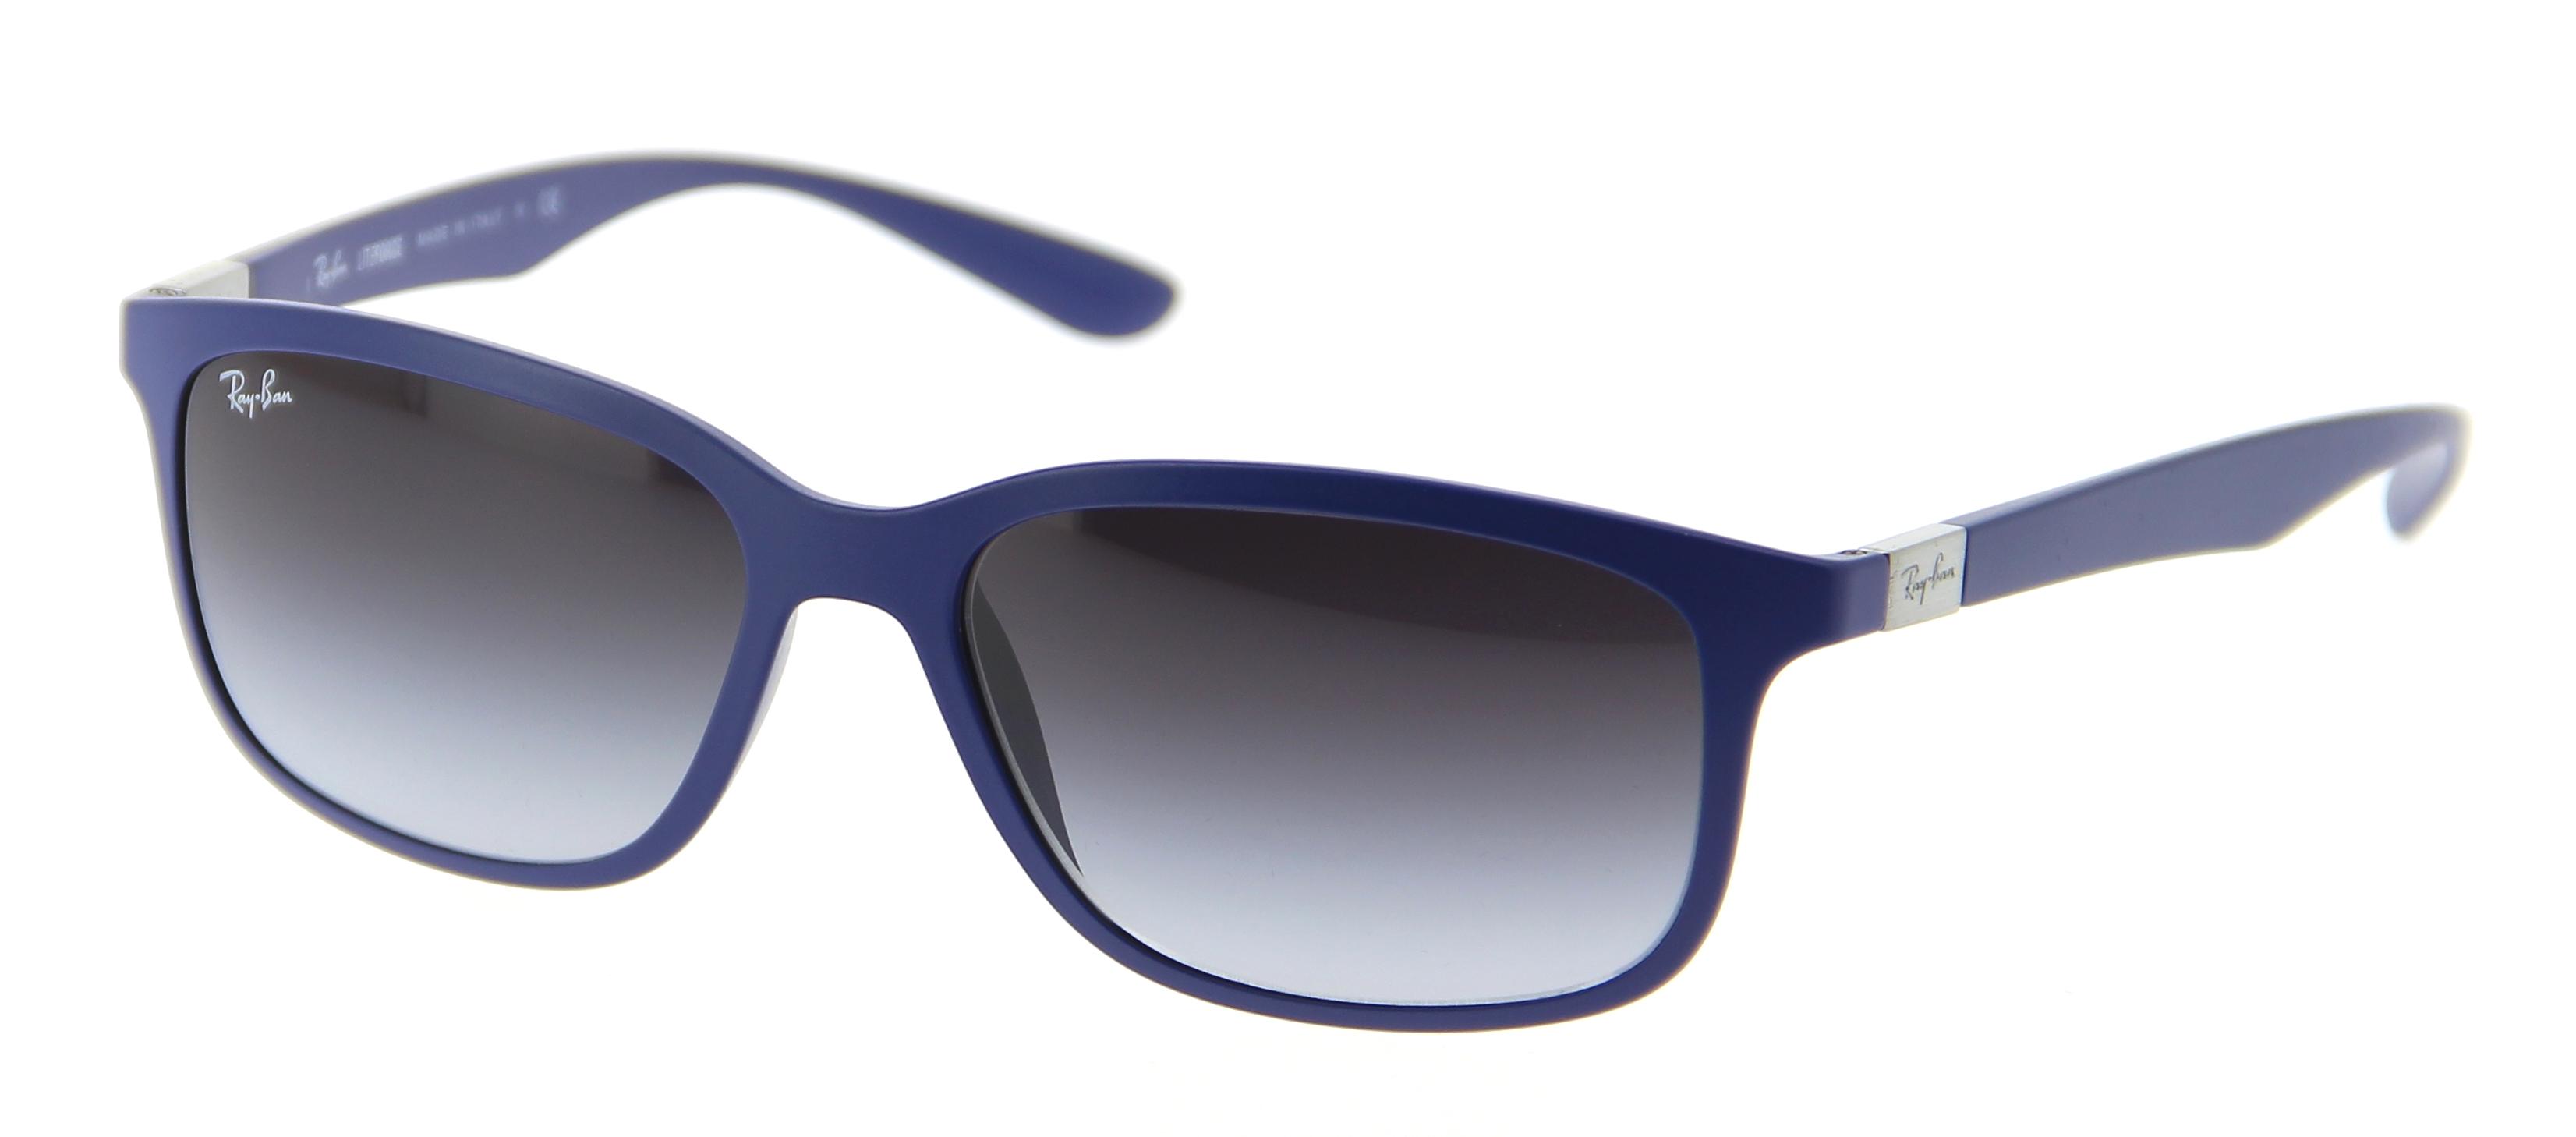 Lunettes de soleil RAY-BAN RB 4215 61618G 57 16 Mixte Bleu mat Rectangle c69836cd29c8